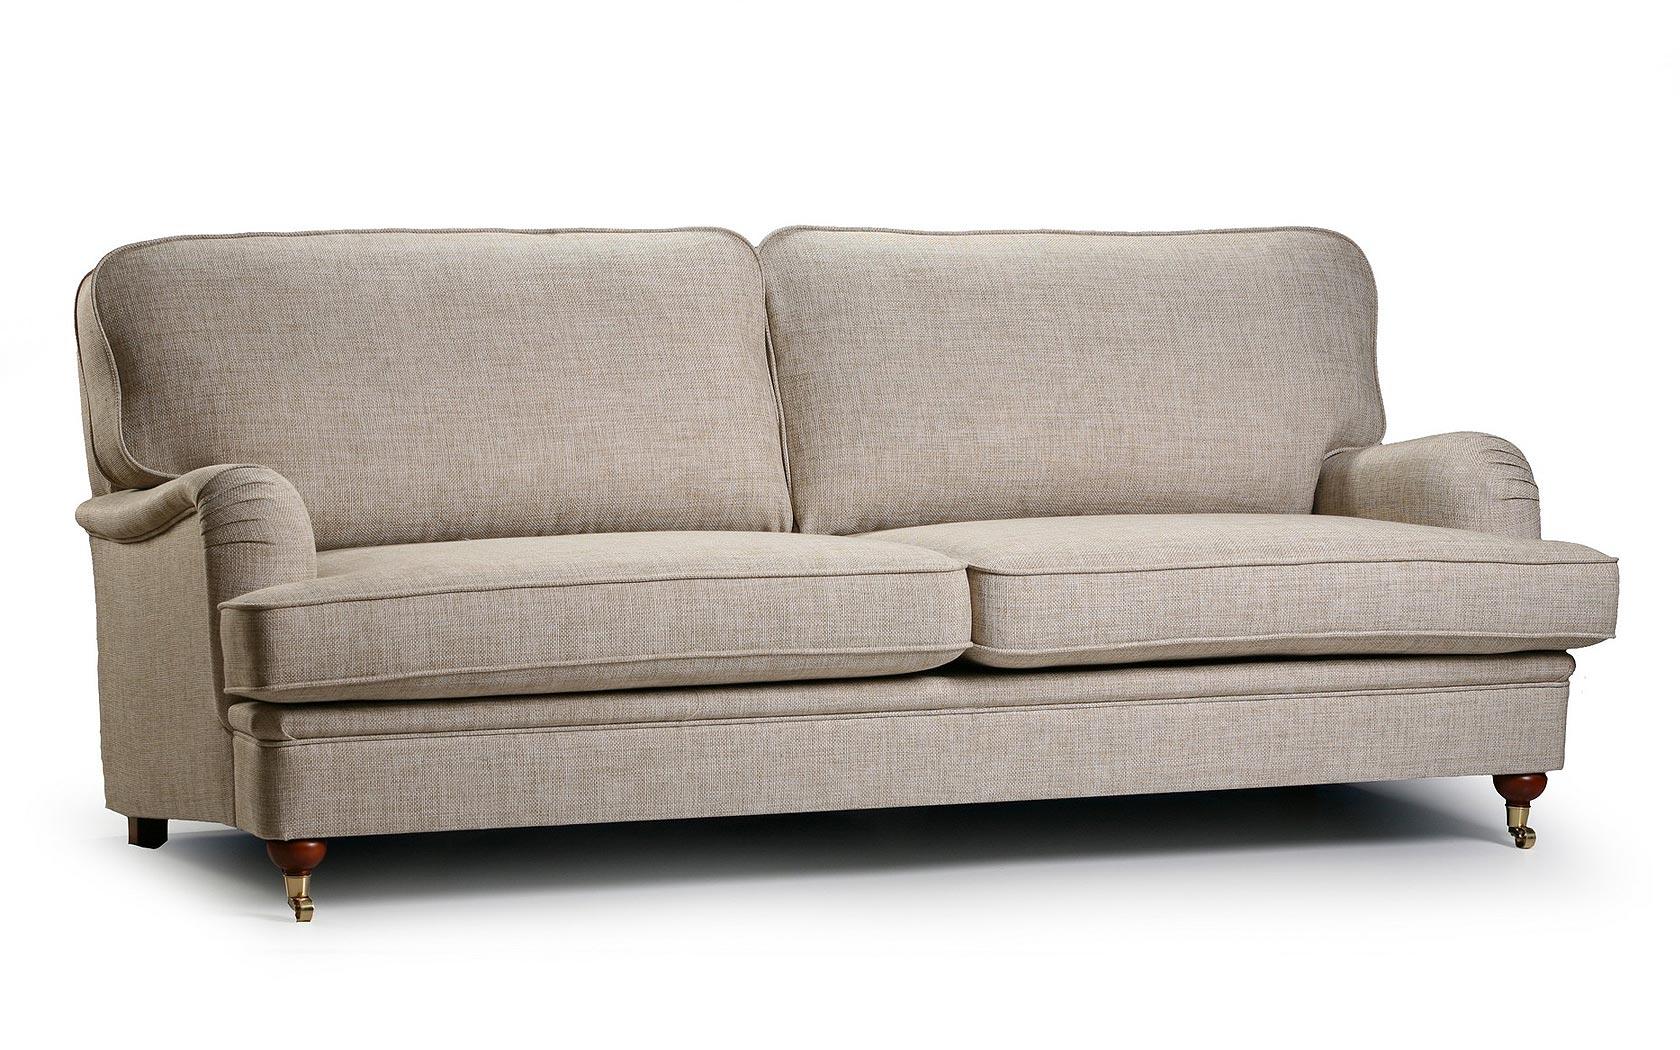 Canapea fixa 3 locuri tapitata cu stofa Winston